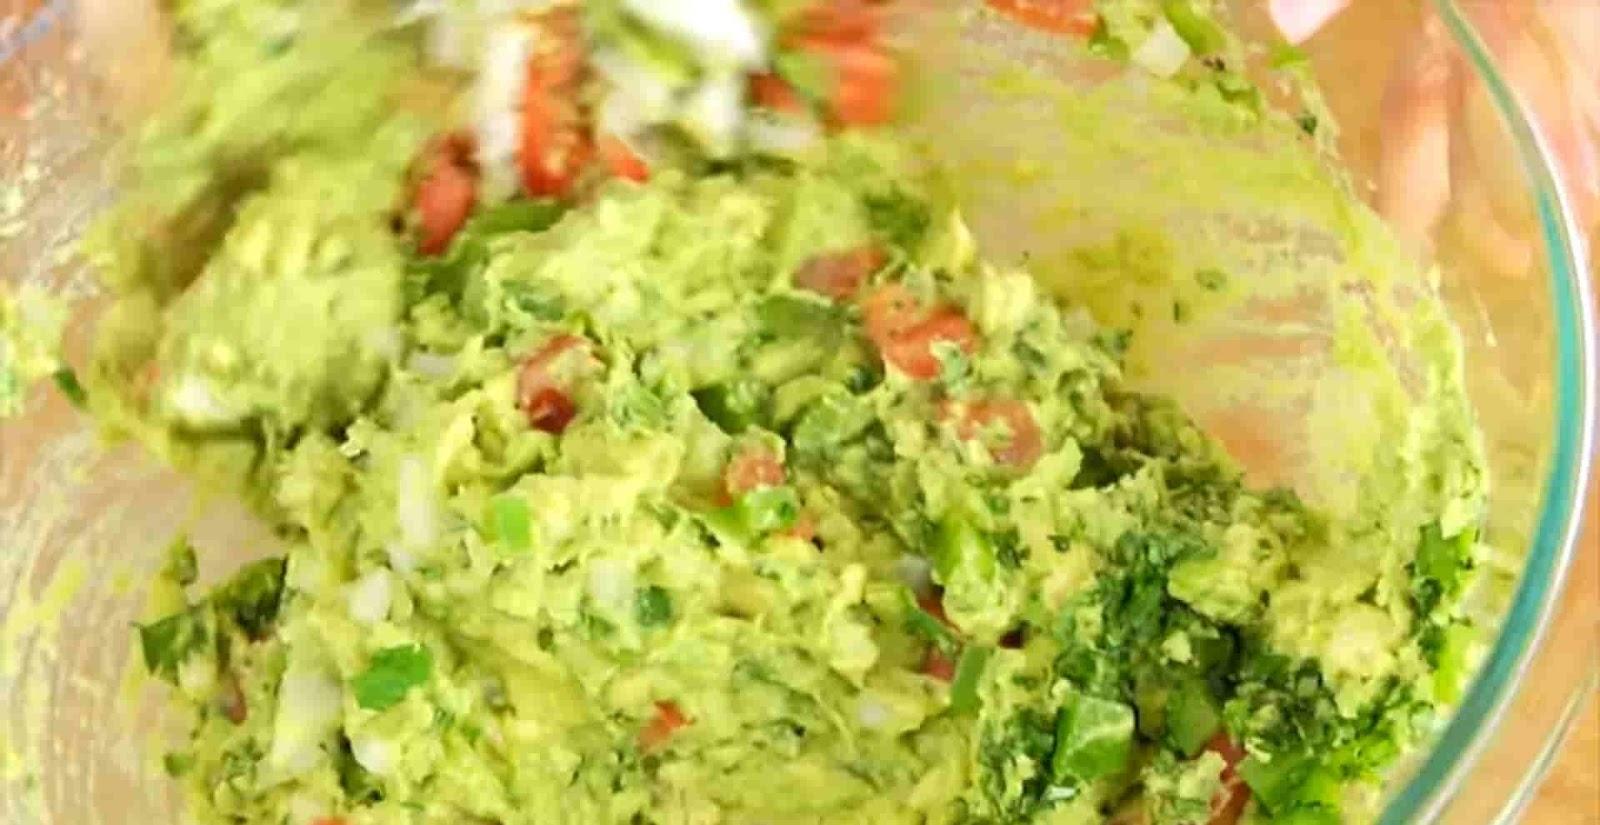 mixing-avocado-to-guacamole